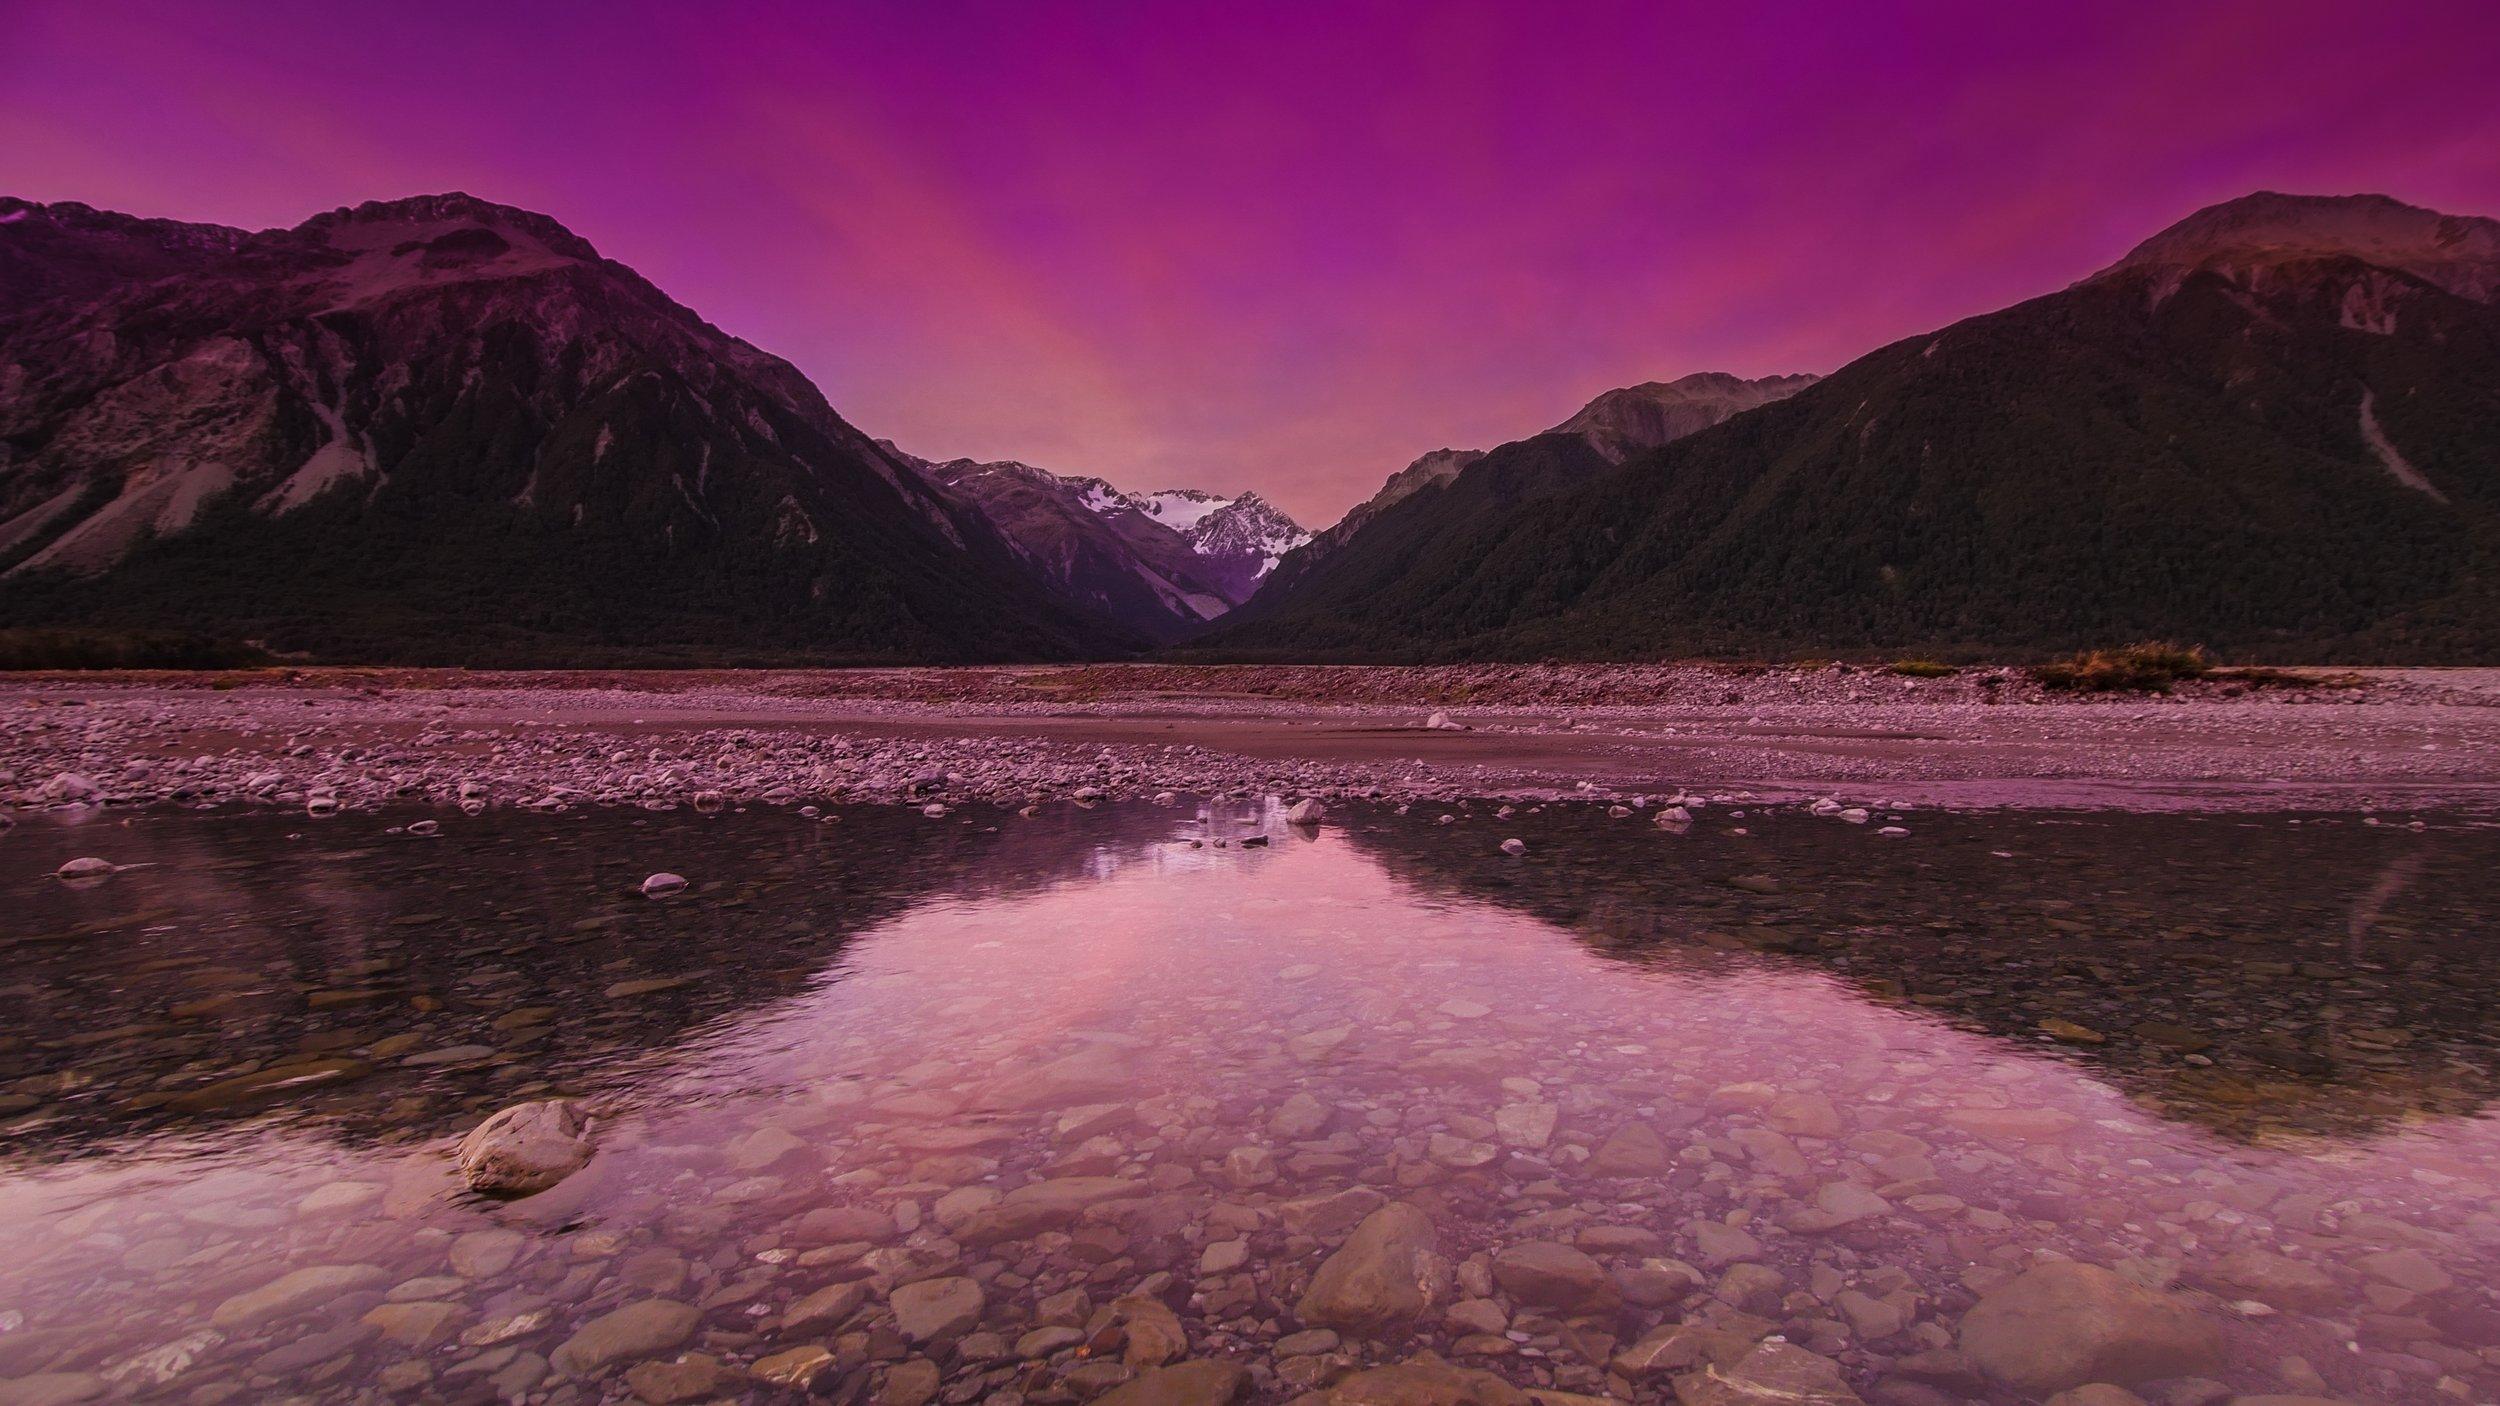 Arthurs Pass Mount Rolleston Avalanche peak devils puchbowl